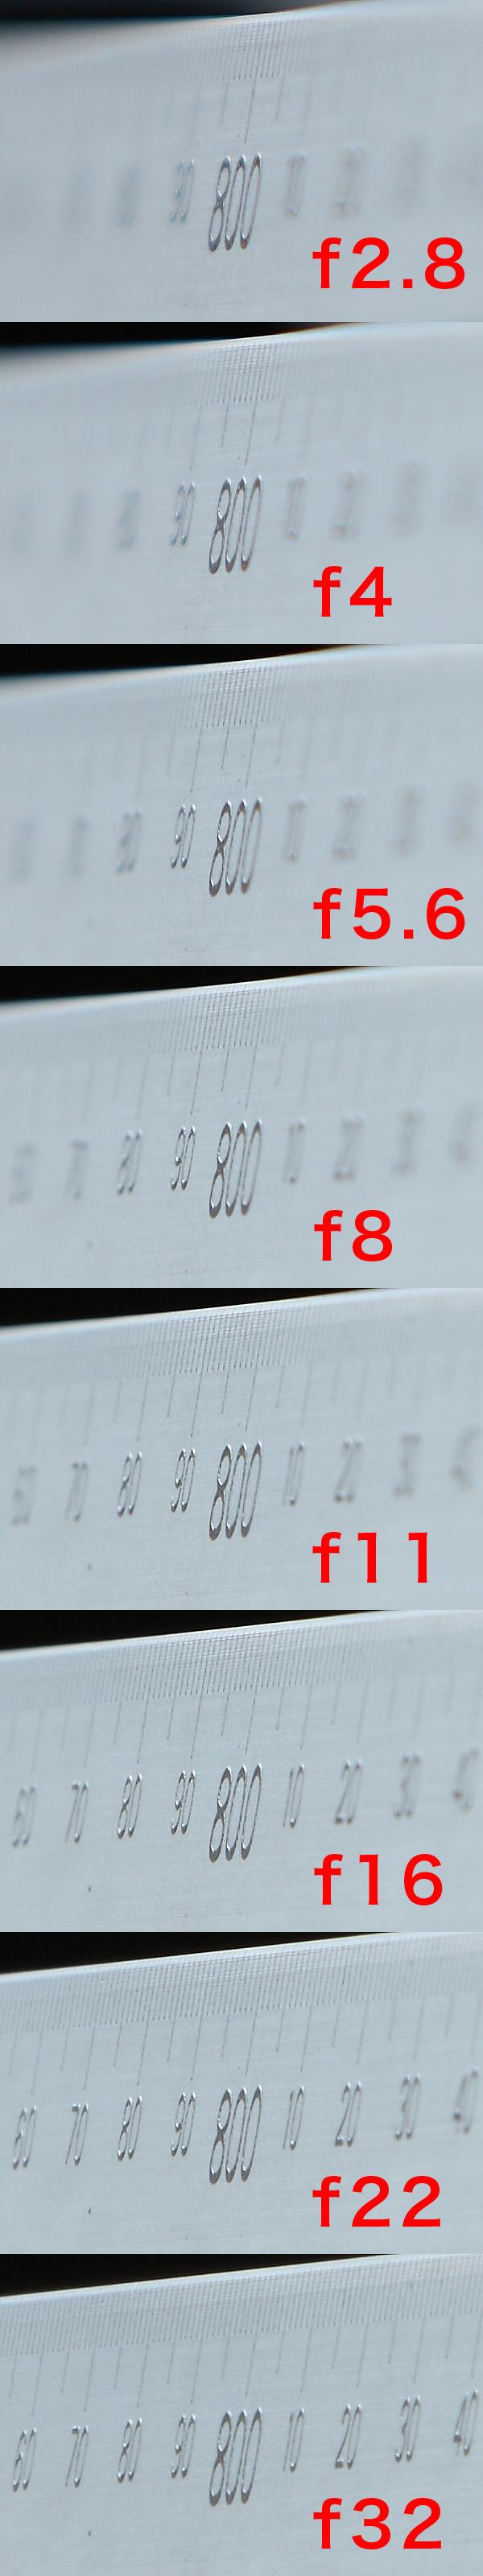 f0077521_18518.jpg